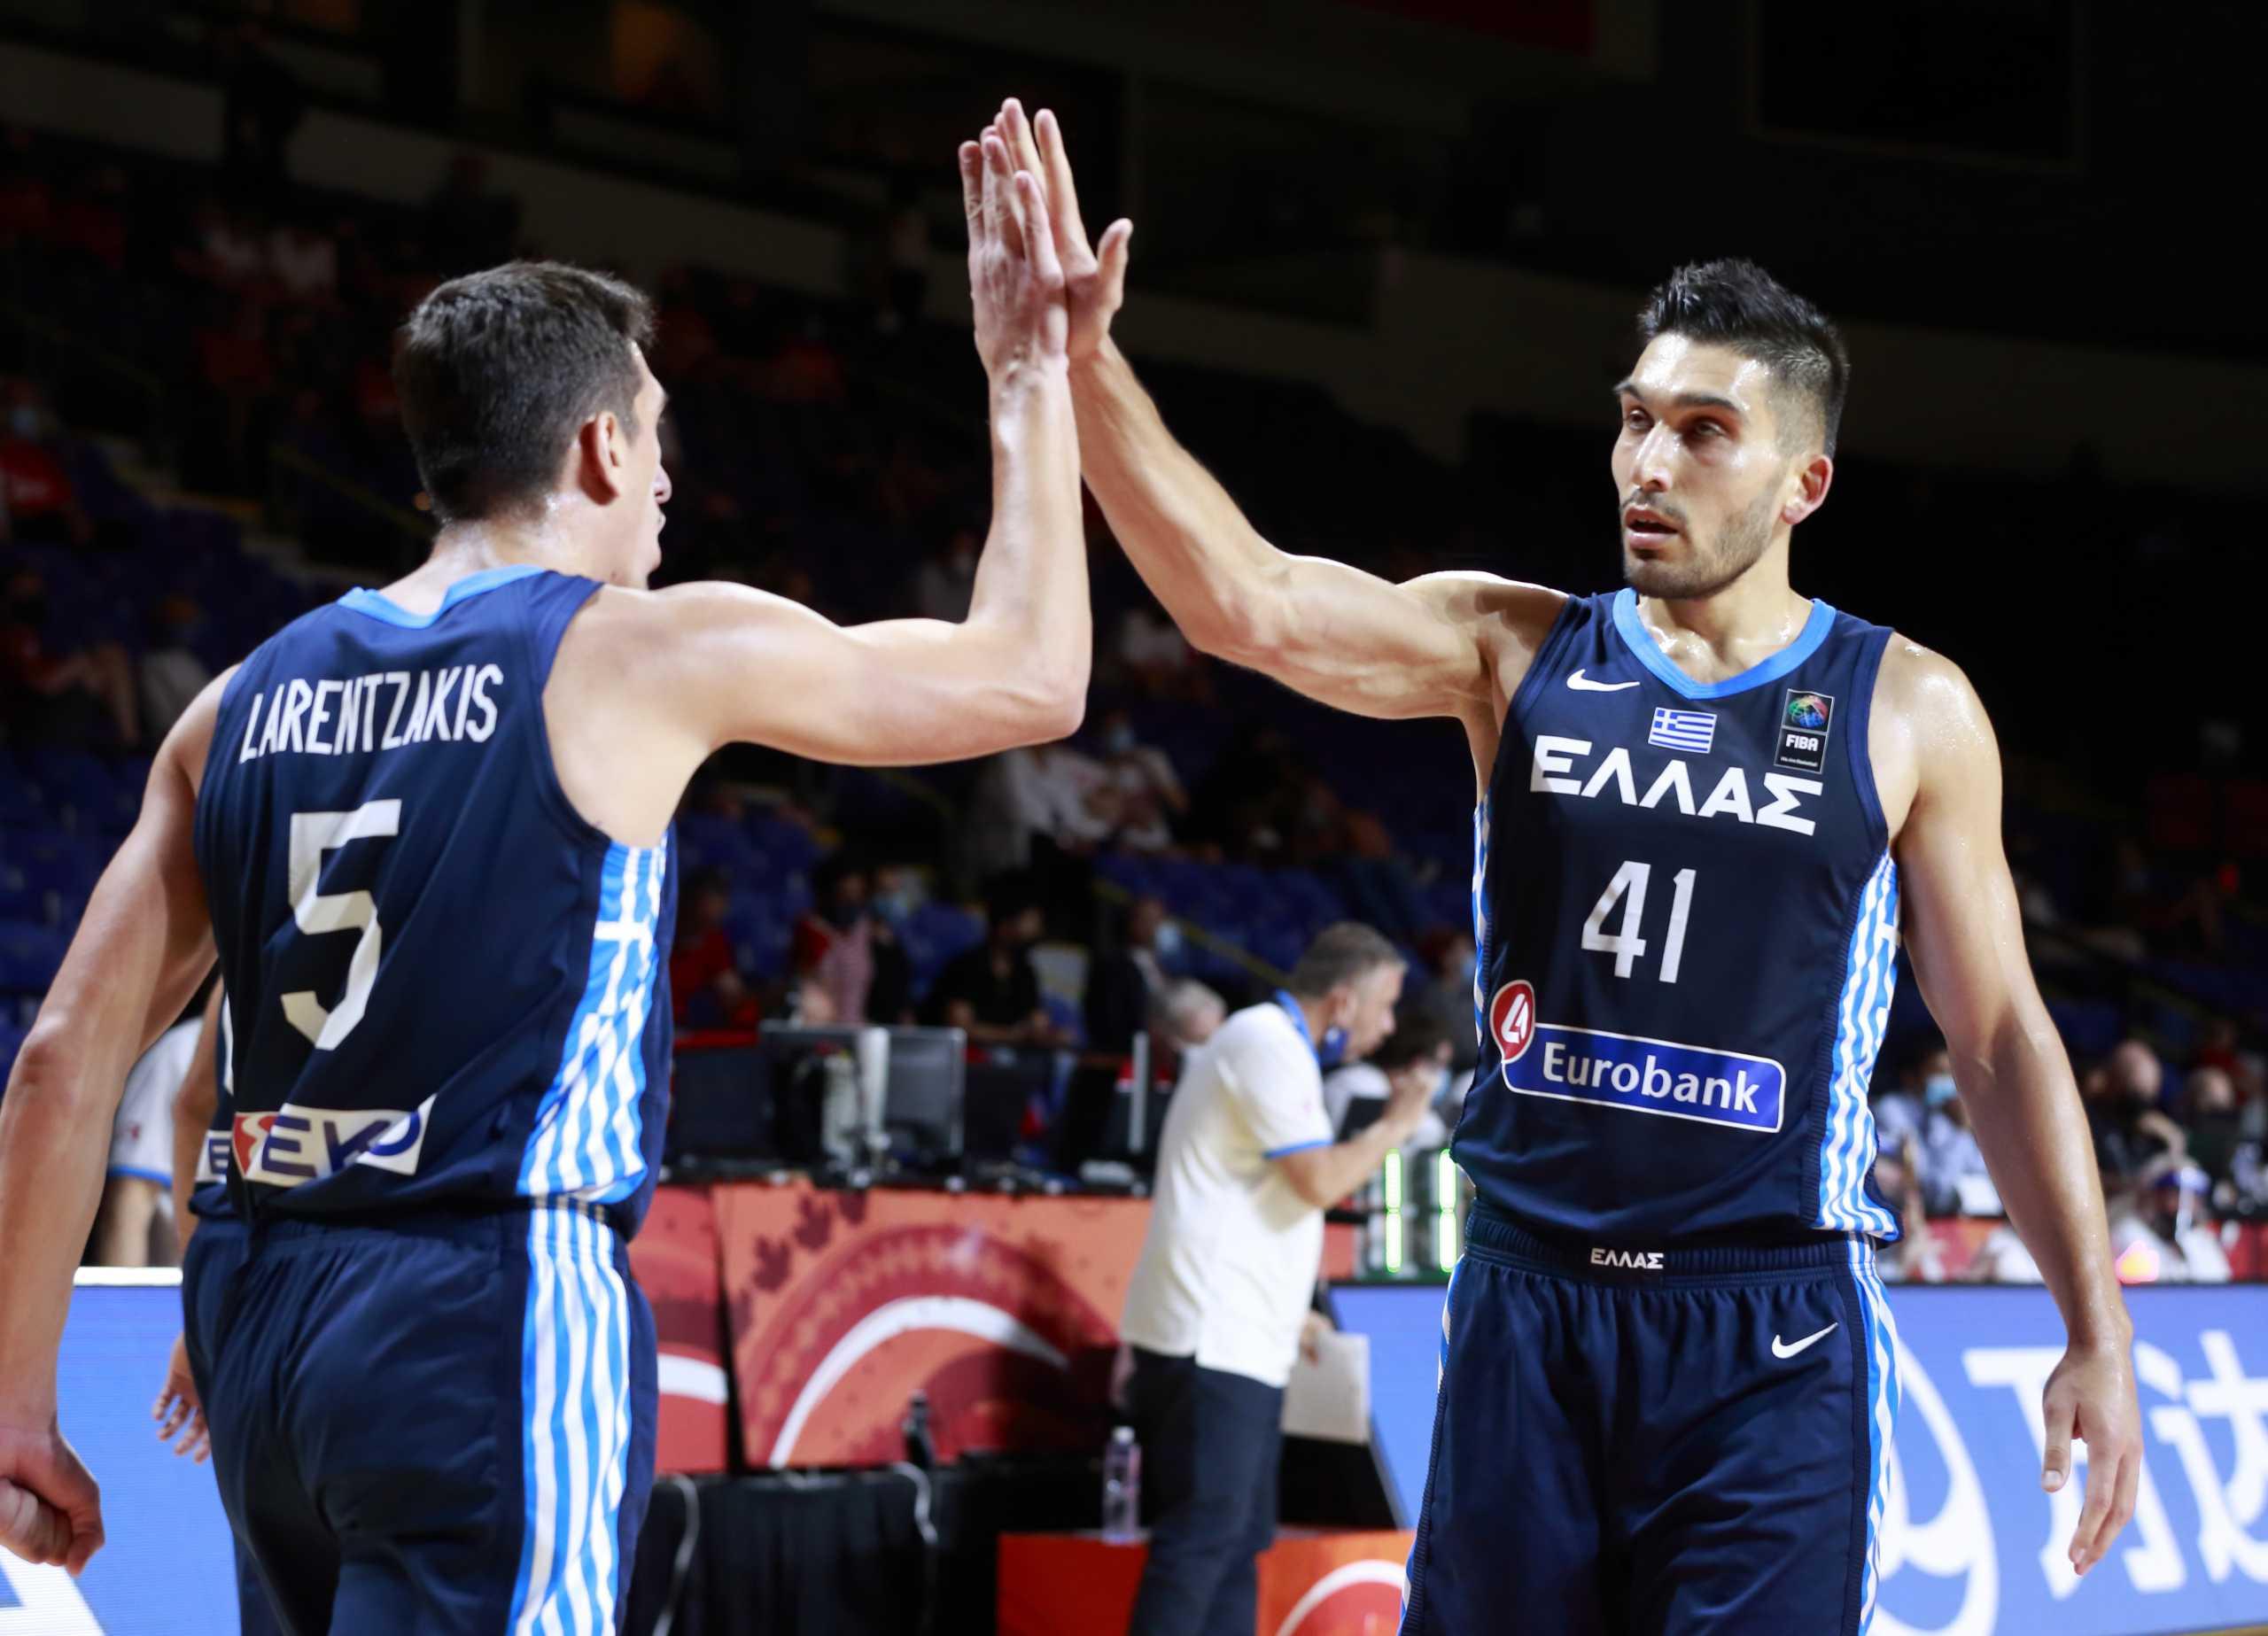 Προολυμπιακό τουρνουά: Αυτοί είναι οι 4 τελικοί – Πότε παίζει η Ελλάδα